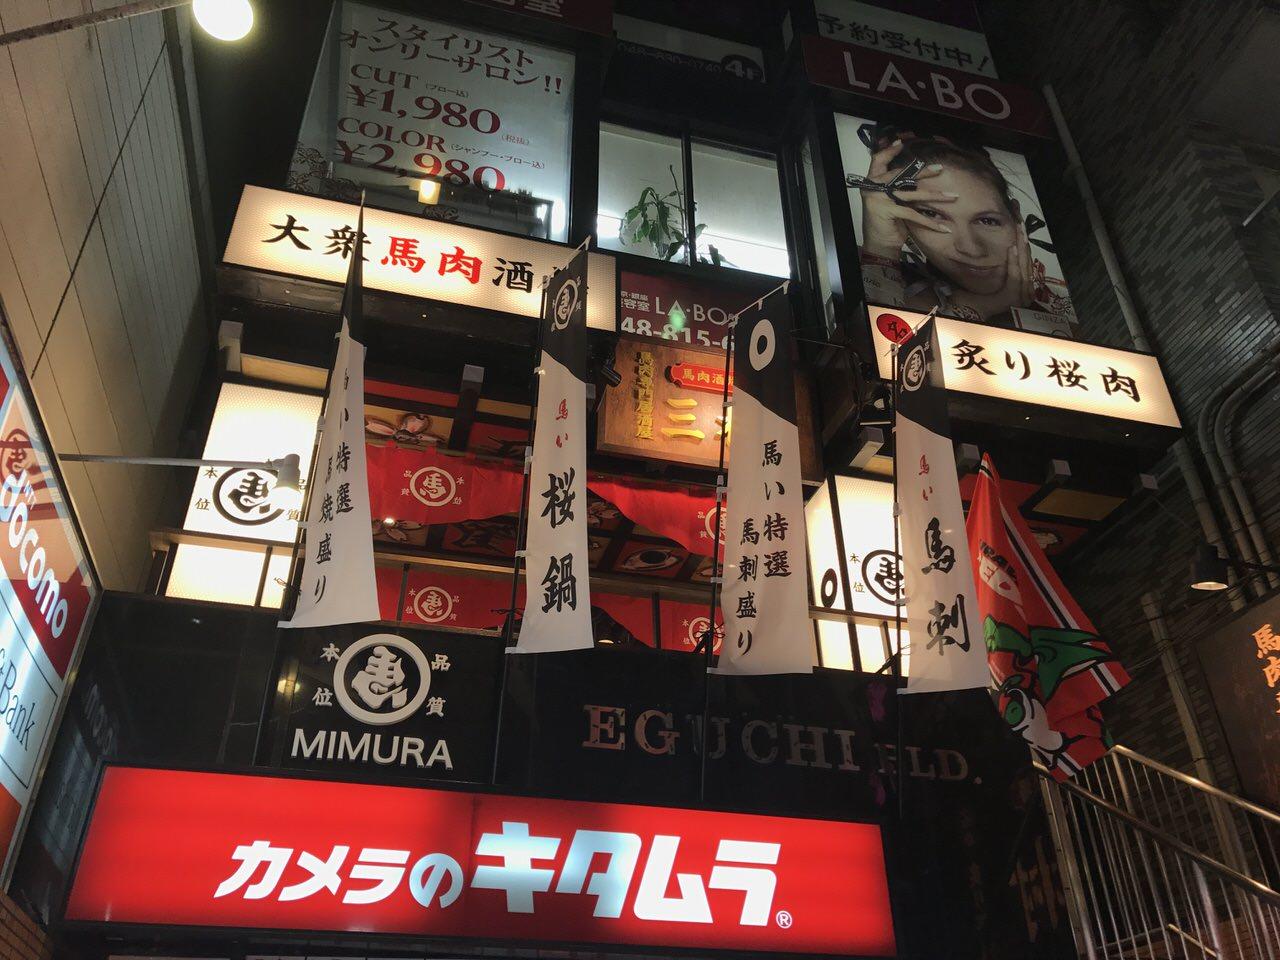 Mimura uma urawa 3264